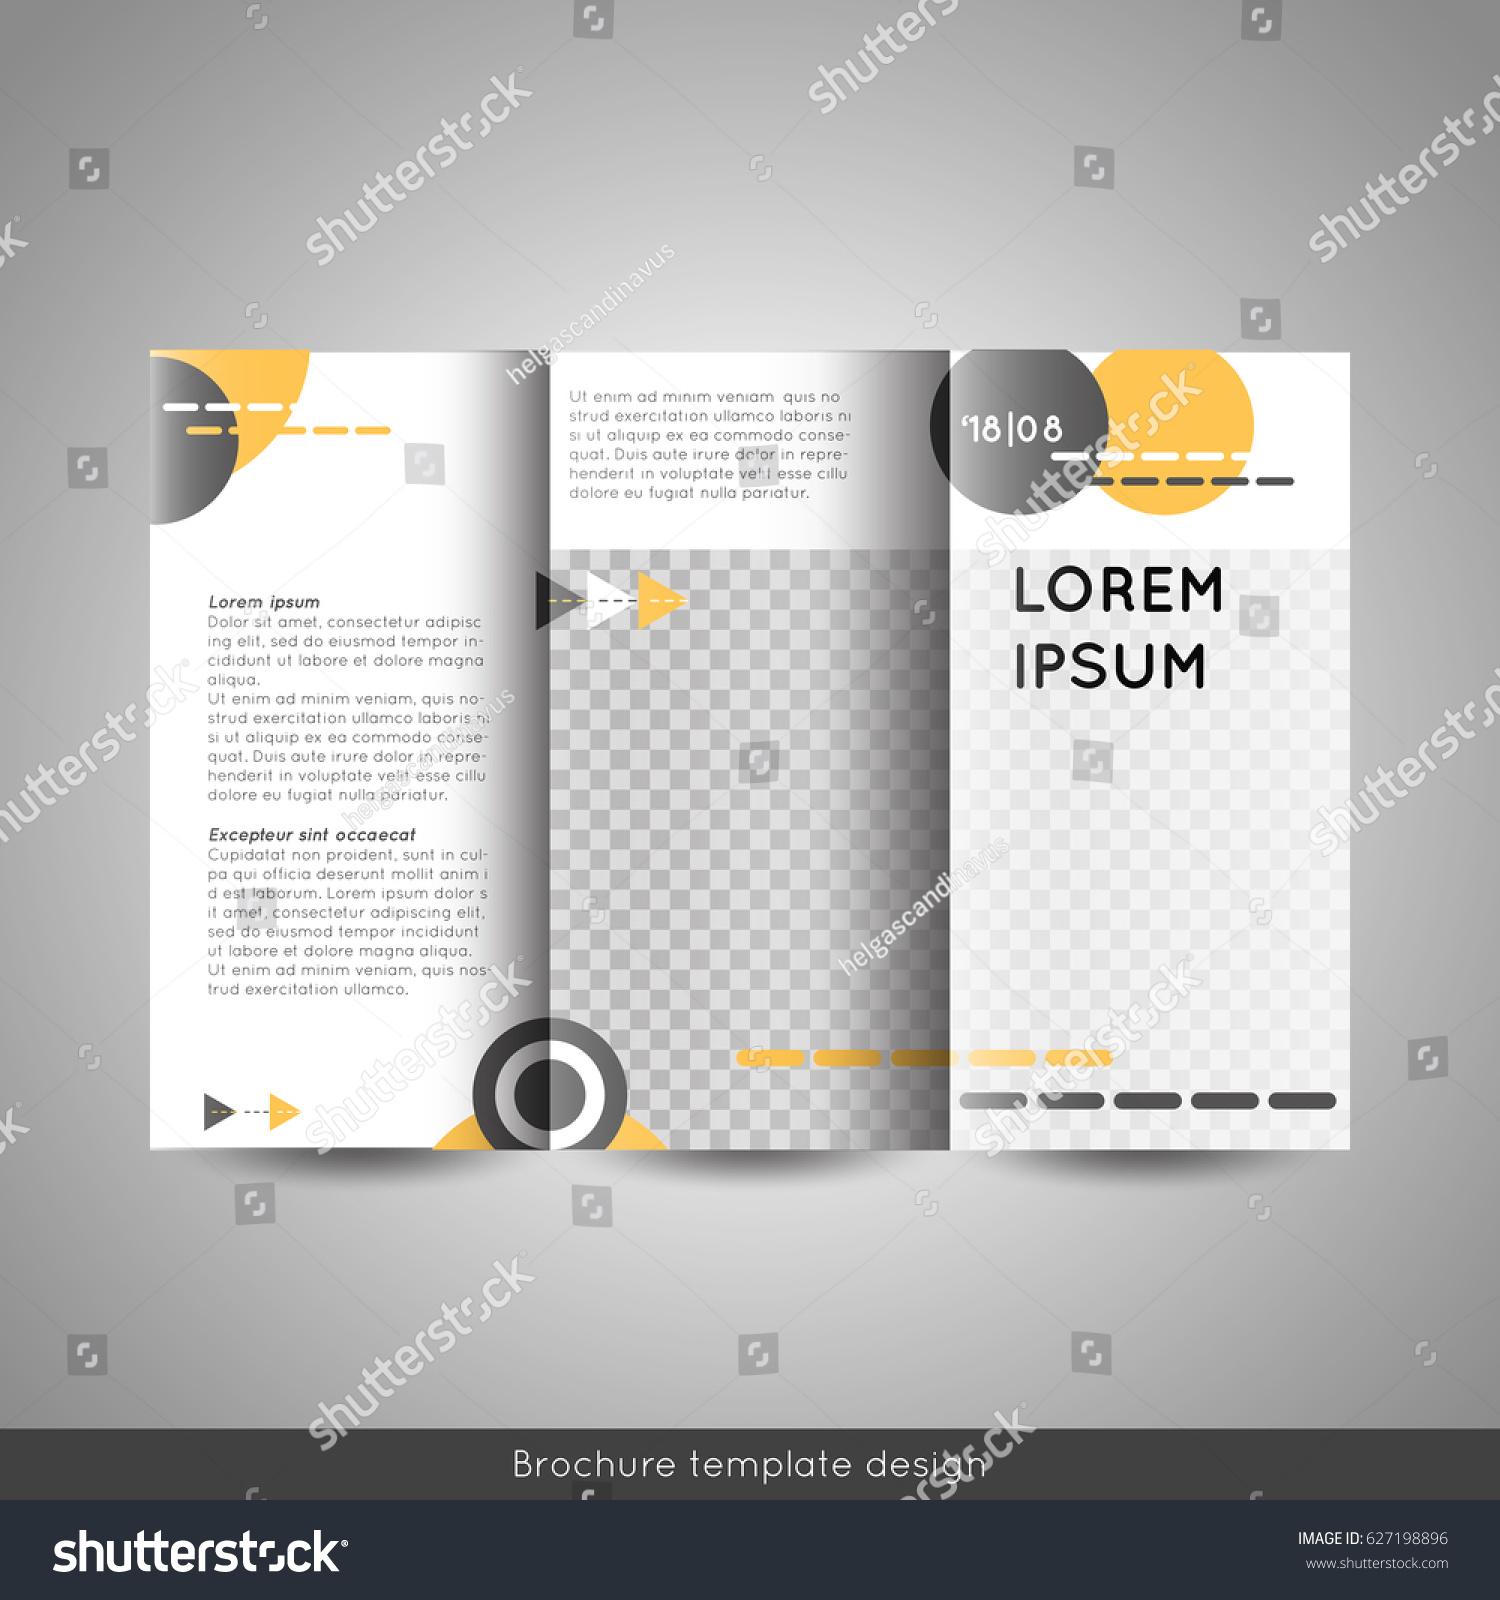 educational brochure templates - Etame.mibawa.co